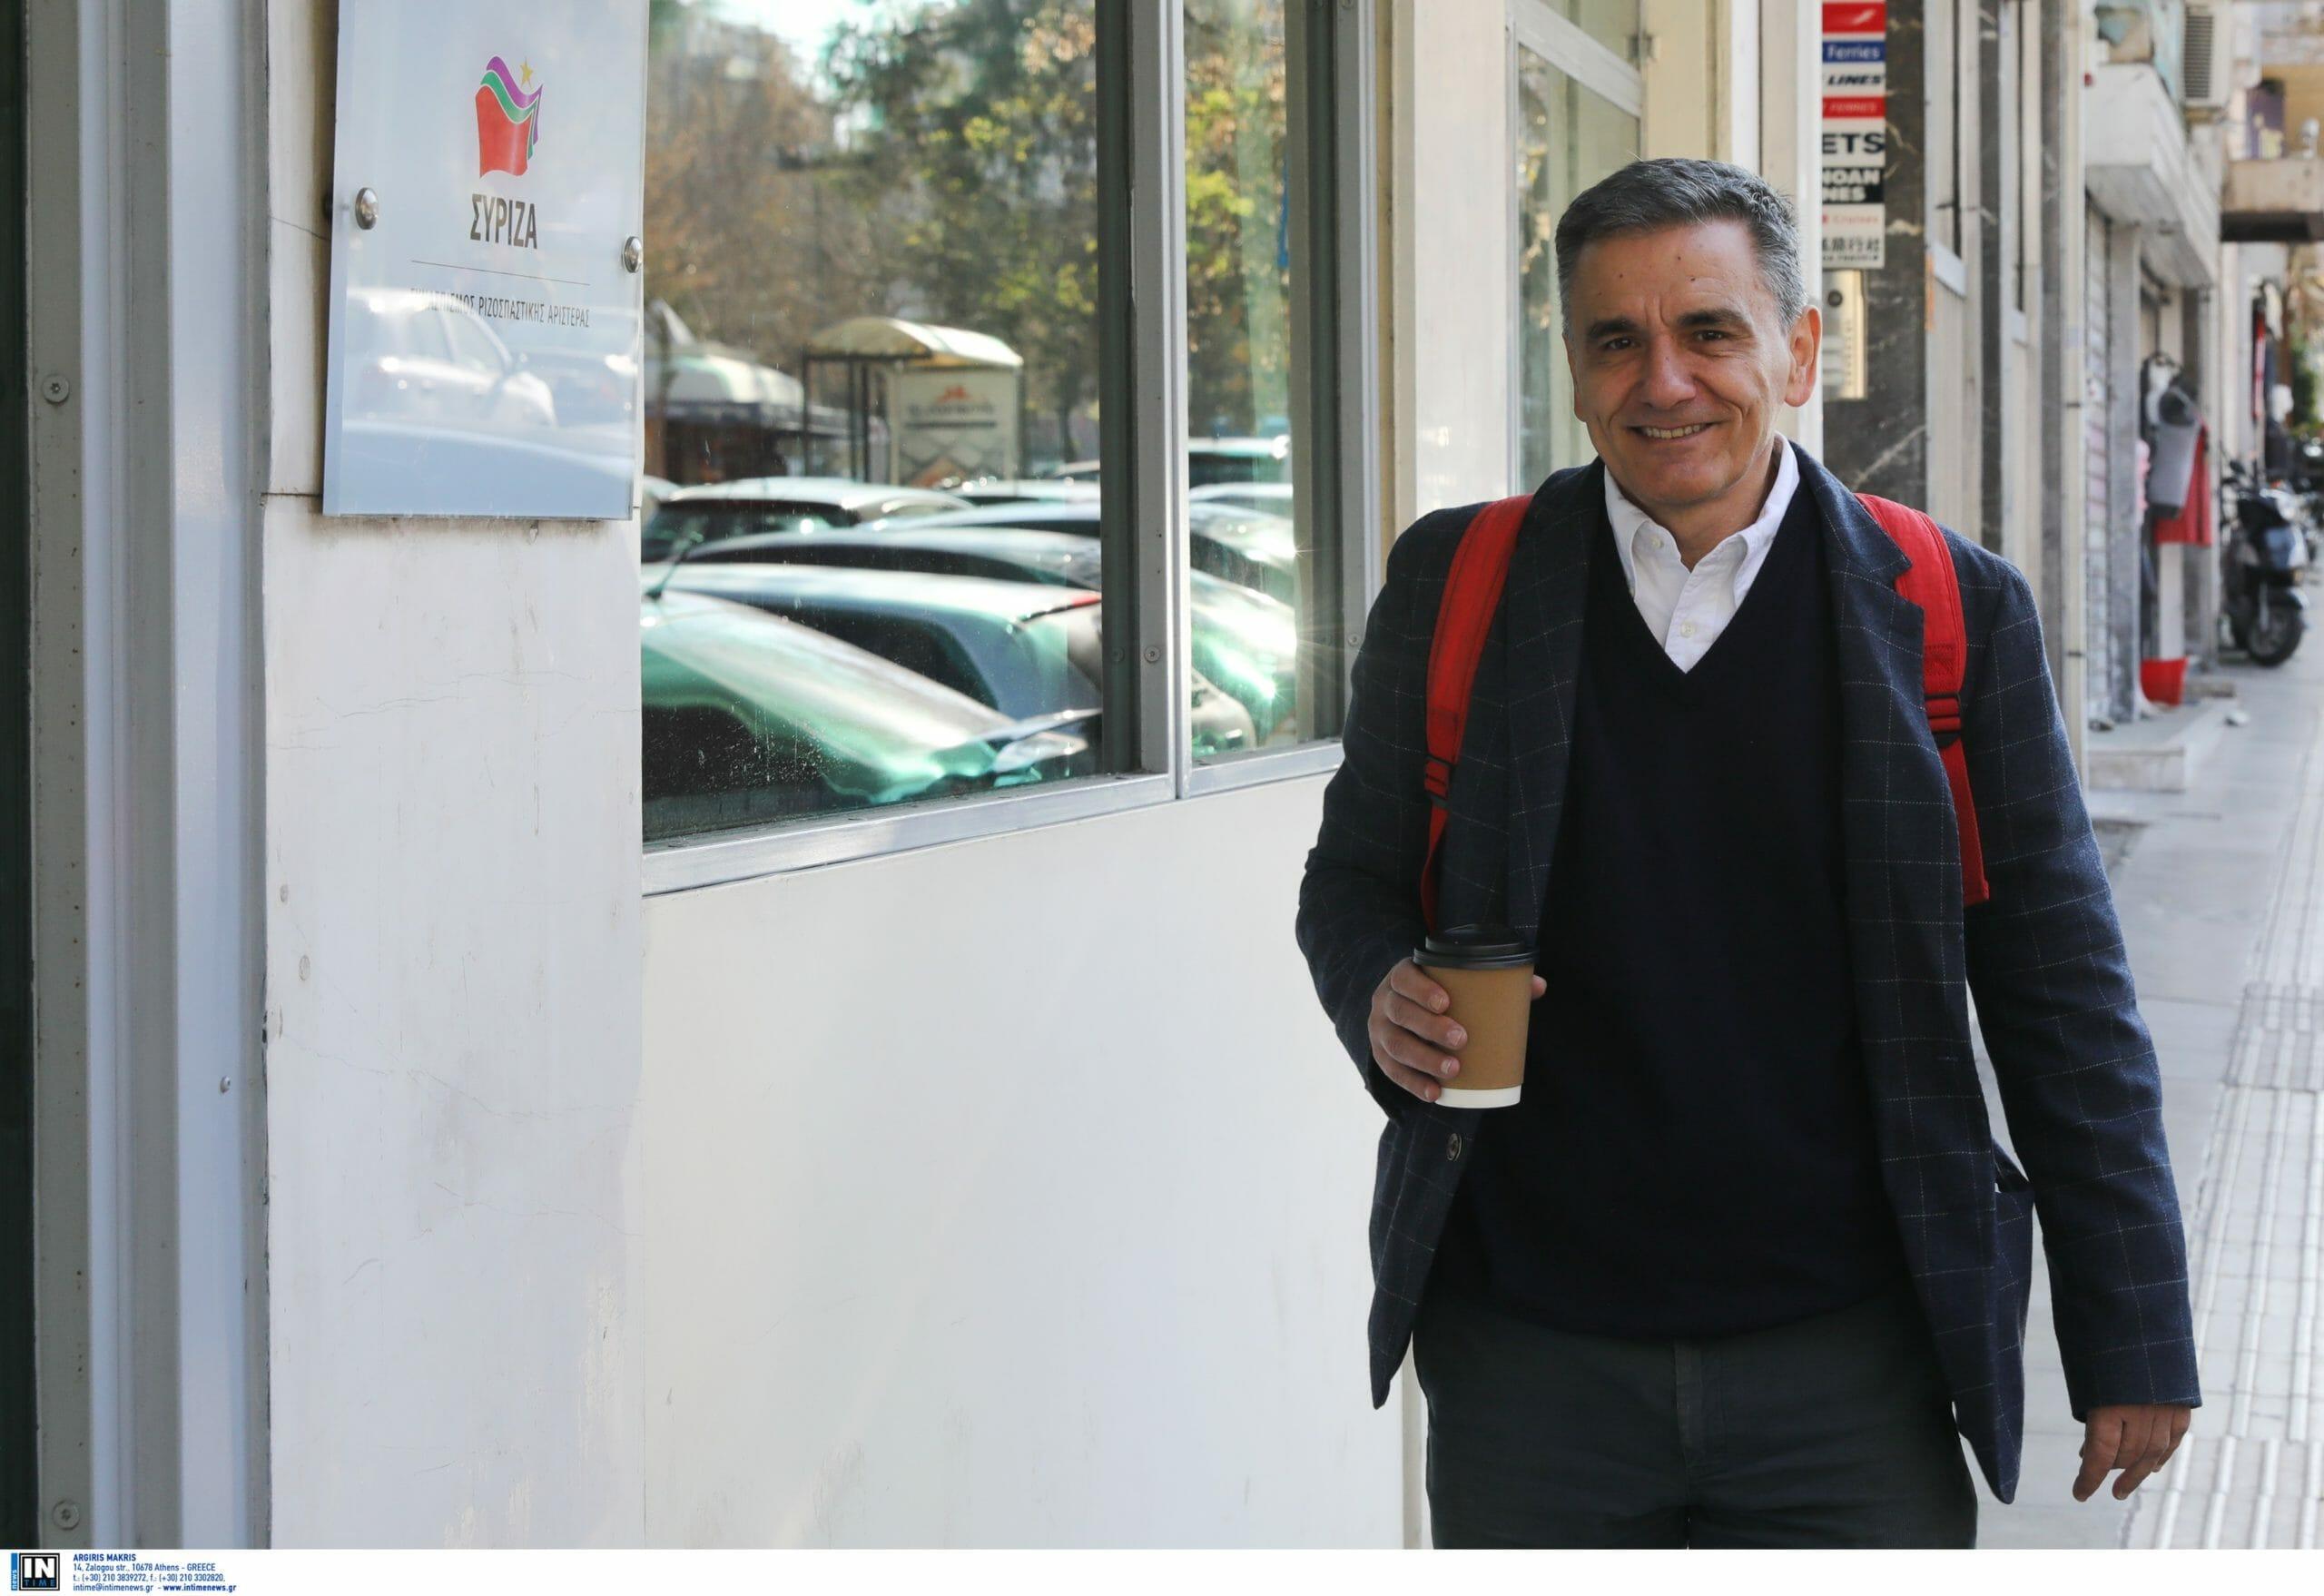 """Τσακαλώτος για το όνομα του ΣΥΡΙΖΑ: Δεν μου αρέσει το """"συμμαχία"""" θα προτιμούσα """"συσπείρωση"""""""